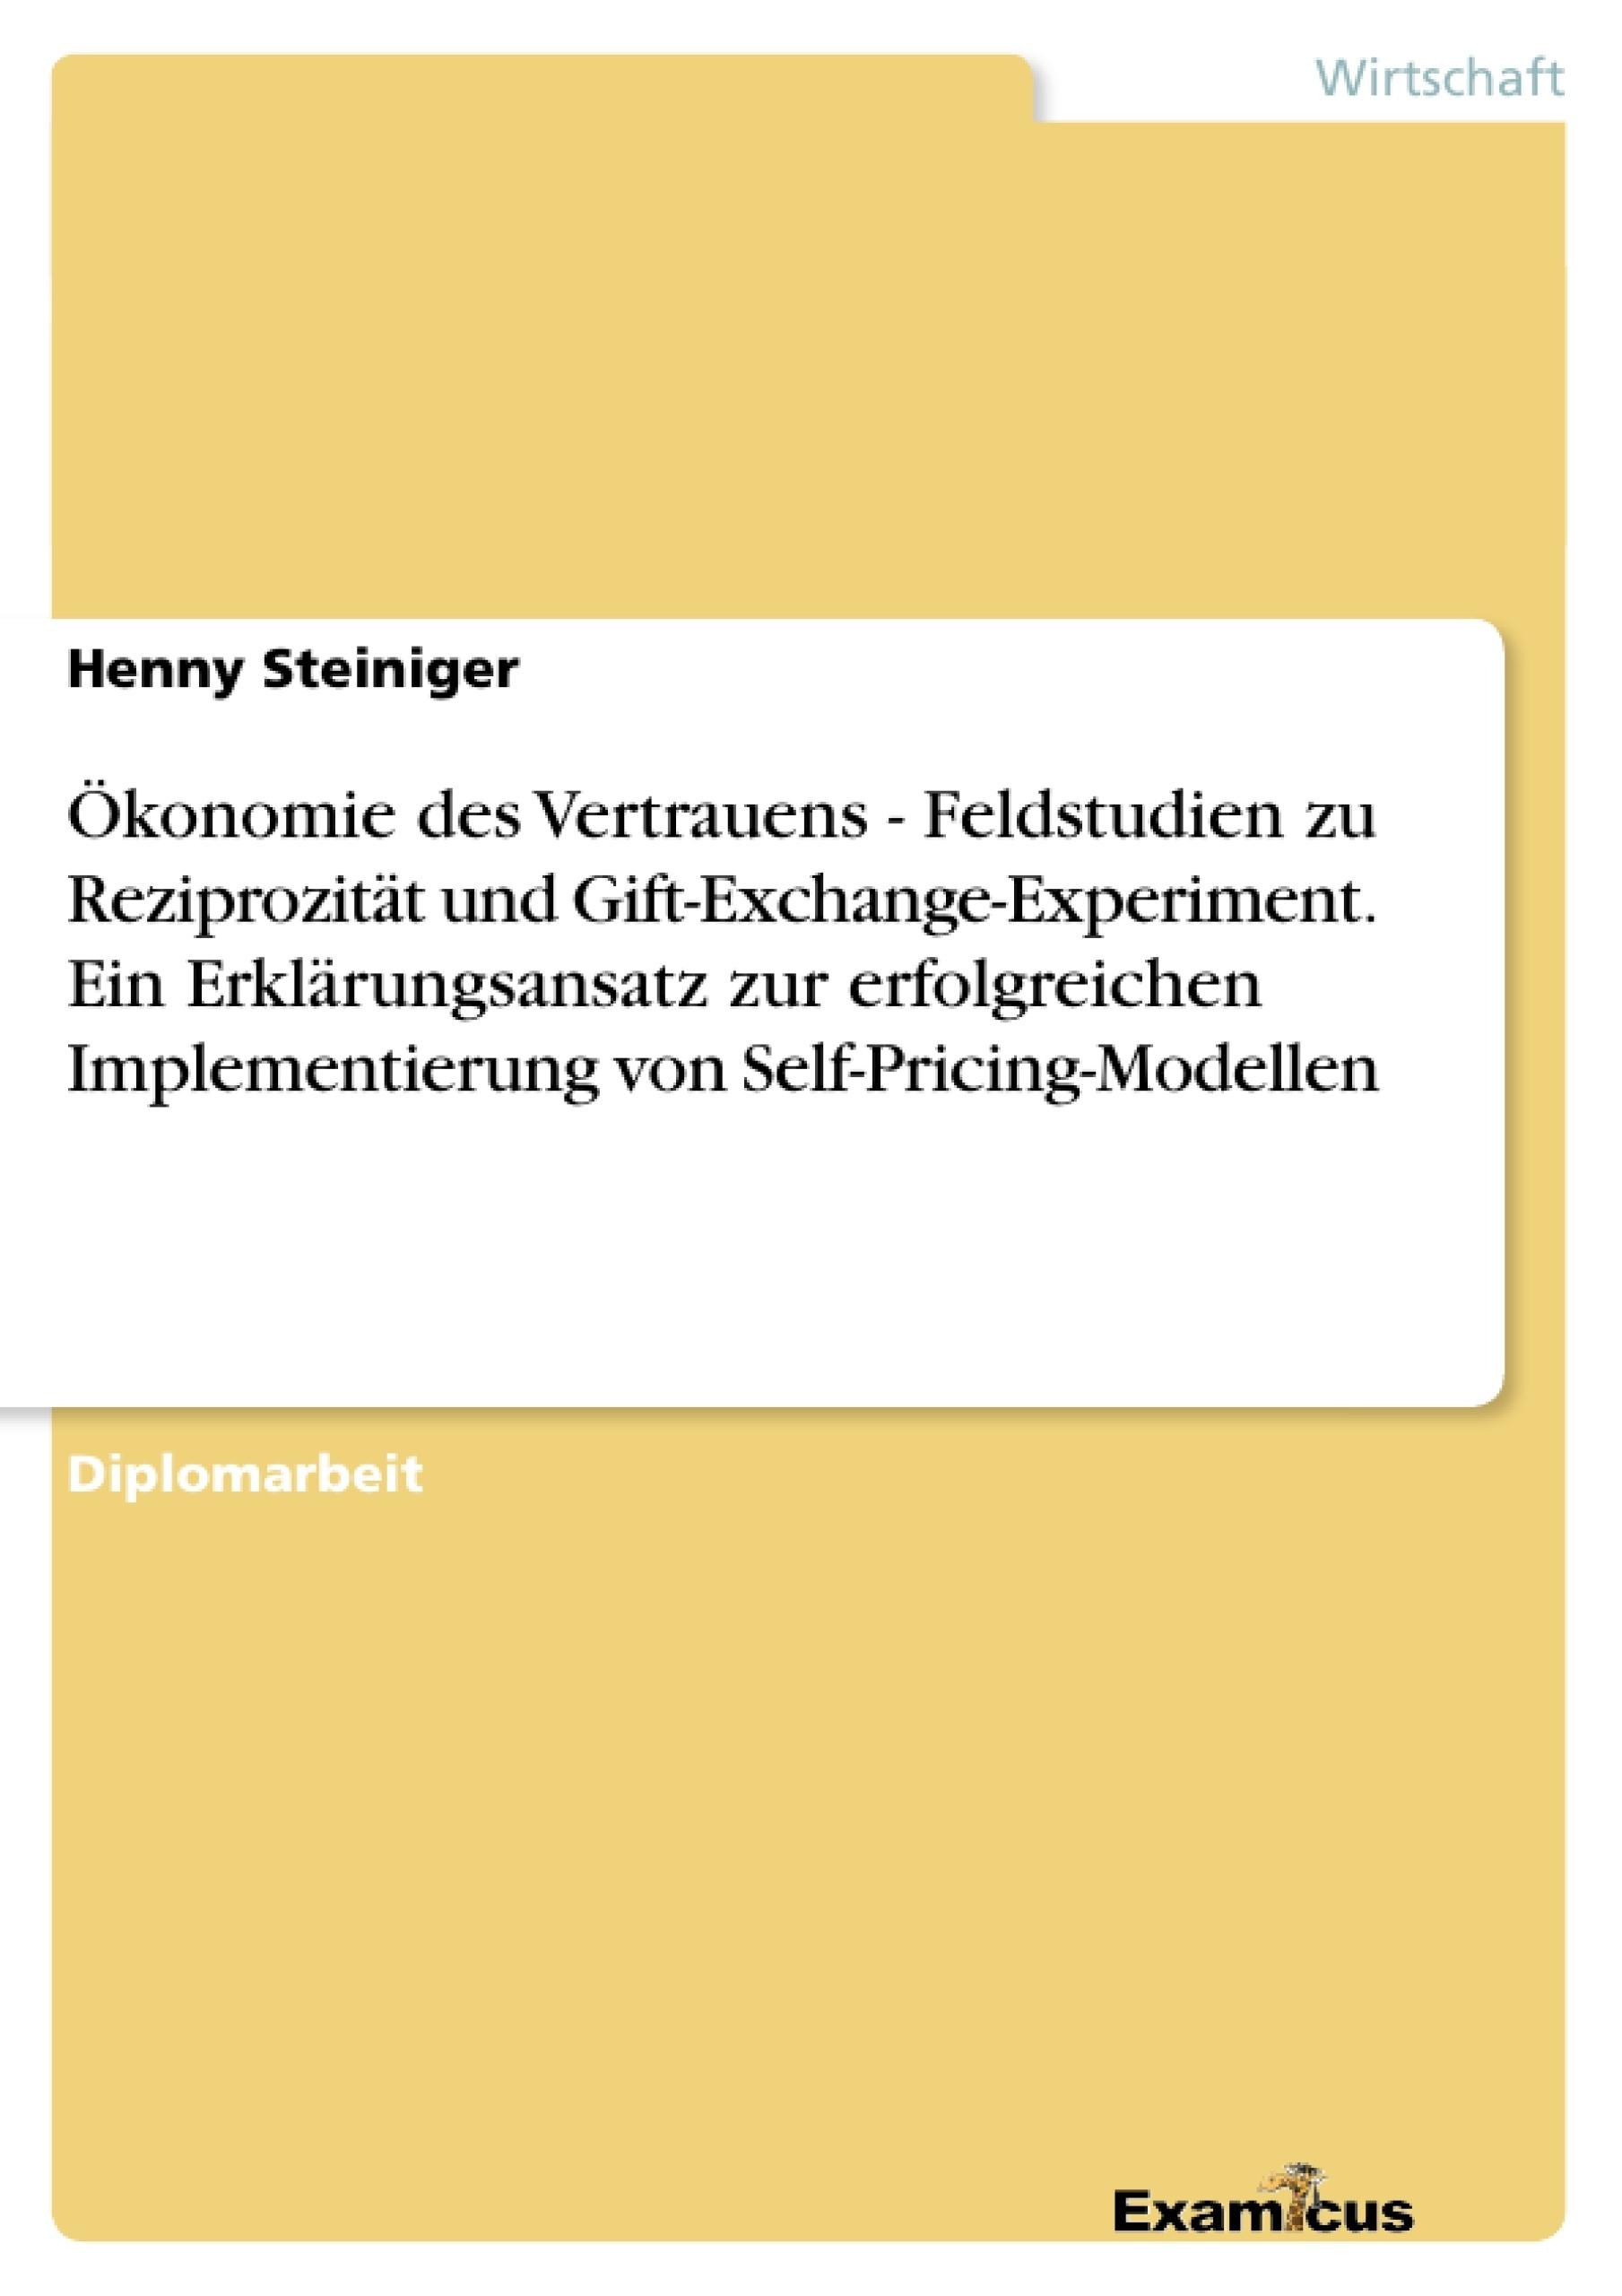 Titel: Ökonomie des Vertrauens - Feldstudien zu Reziprozität und Gift-Exchange-Experiment. Ein Erklärungsansatz zur erfolgreichen Implementierung von Self-Pricing-Modellen